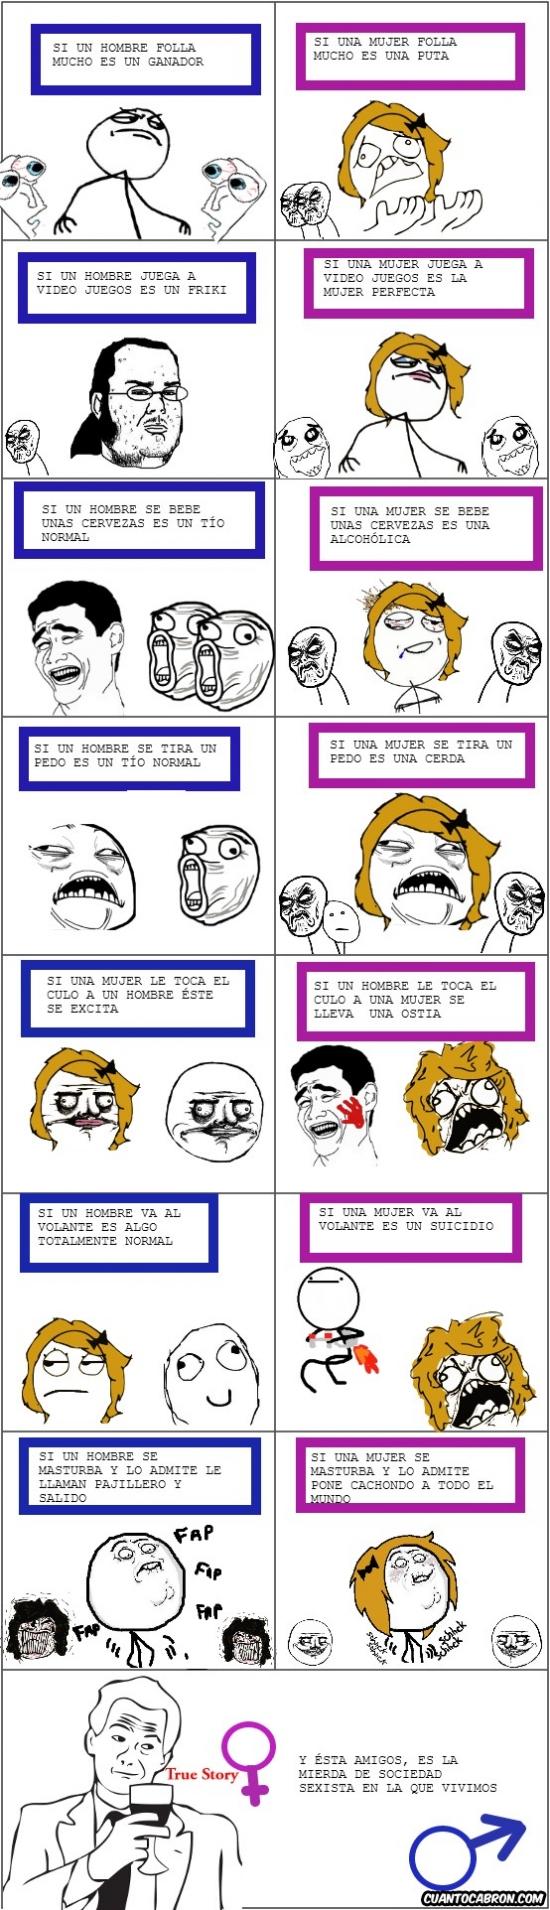 Otros - Sexismo everywhere